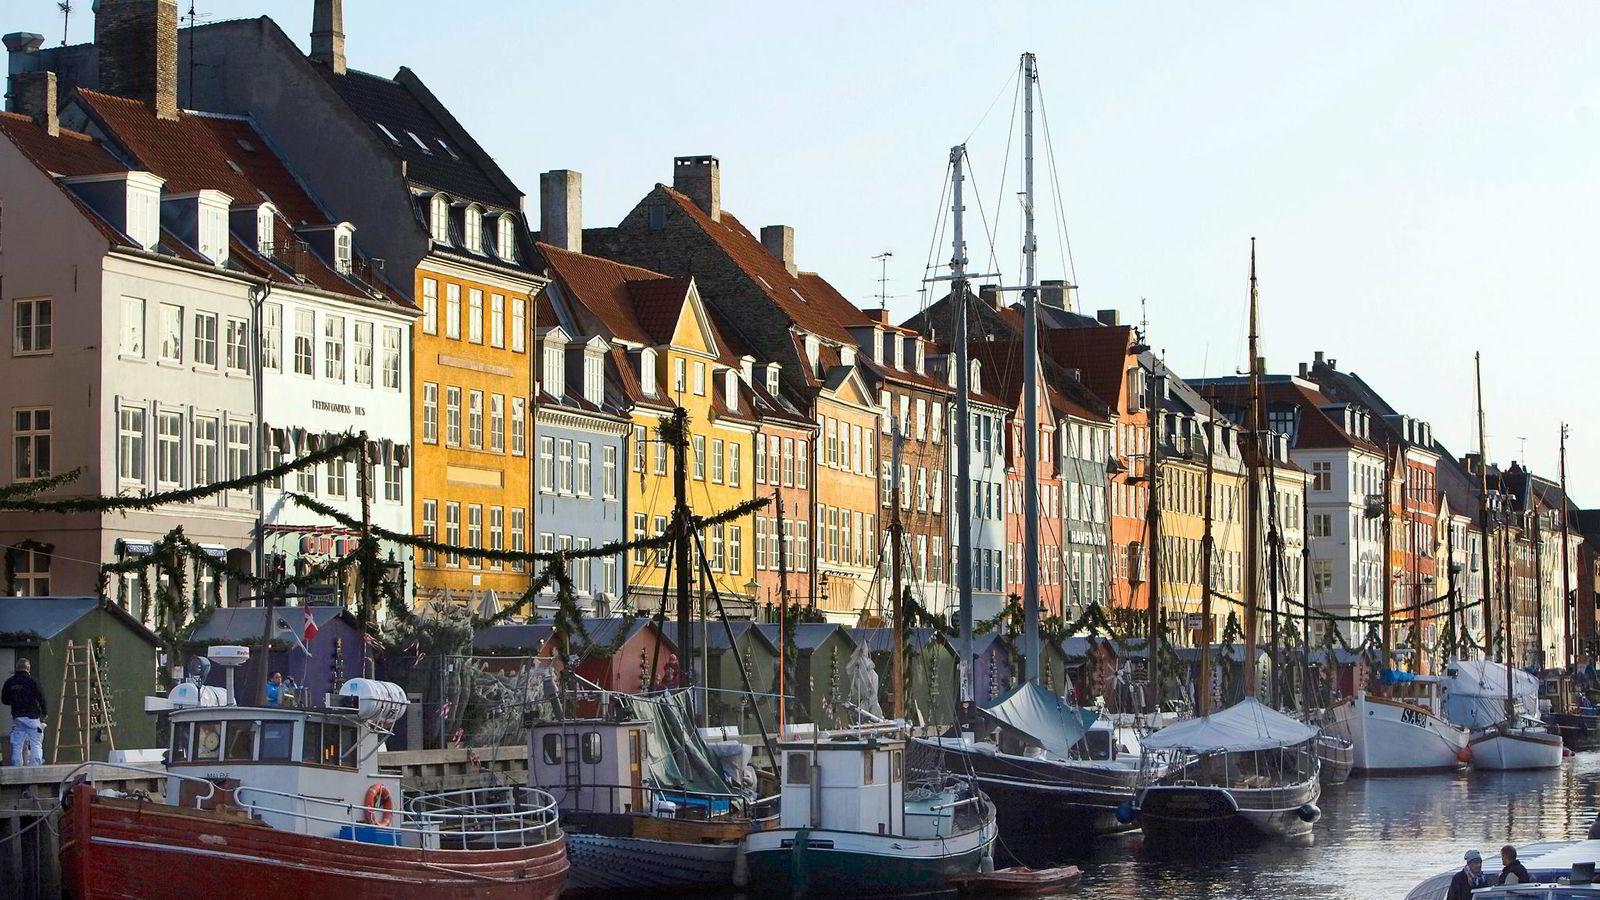 Politisk orden er avgjørende for å sikre fred og håndheve lover, ifølge Fukuyama. Demokratisk oppslutning krever et effektivt styre der sikkerhet og rimelige levekår er ivaretatt, slik som i Danmark, skriver artikkelforfatteren. Her fra Nyhavn i København. Foto: Chris Ratcliffe/